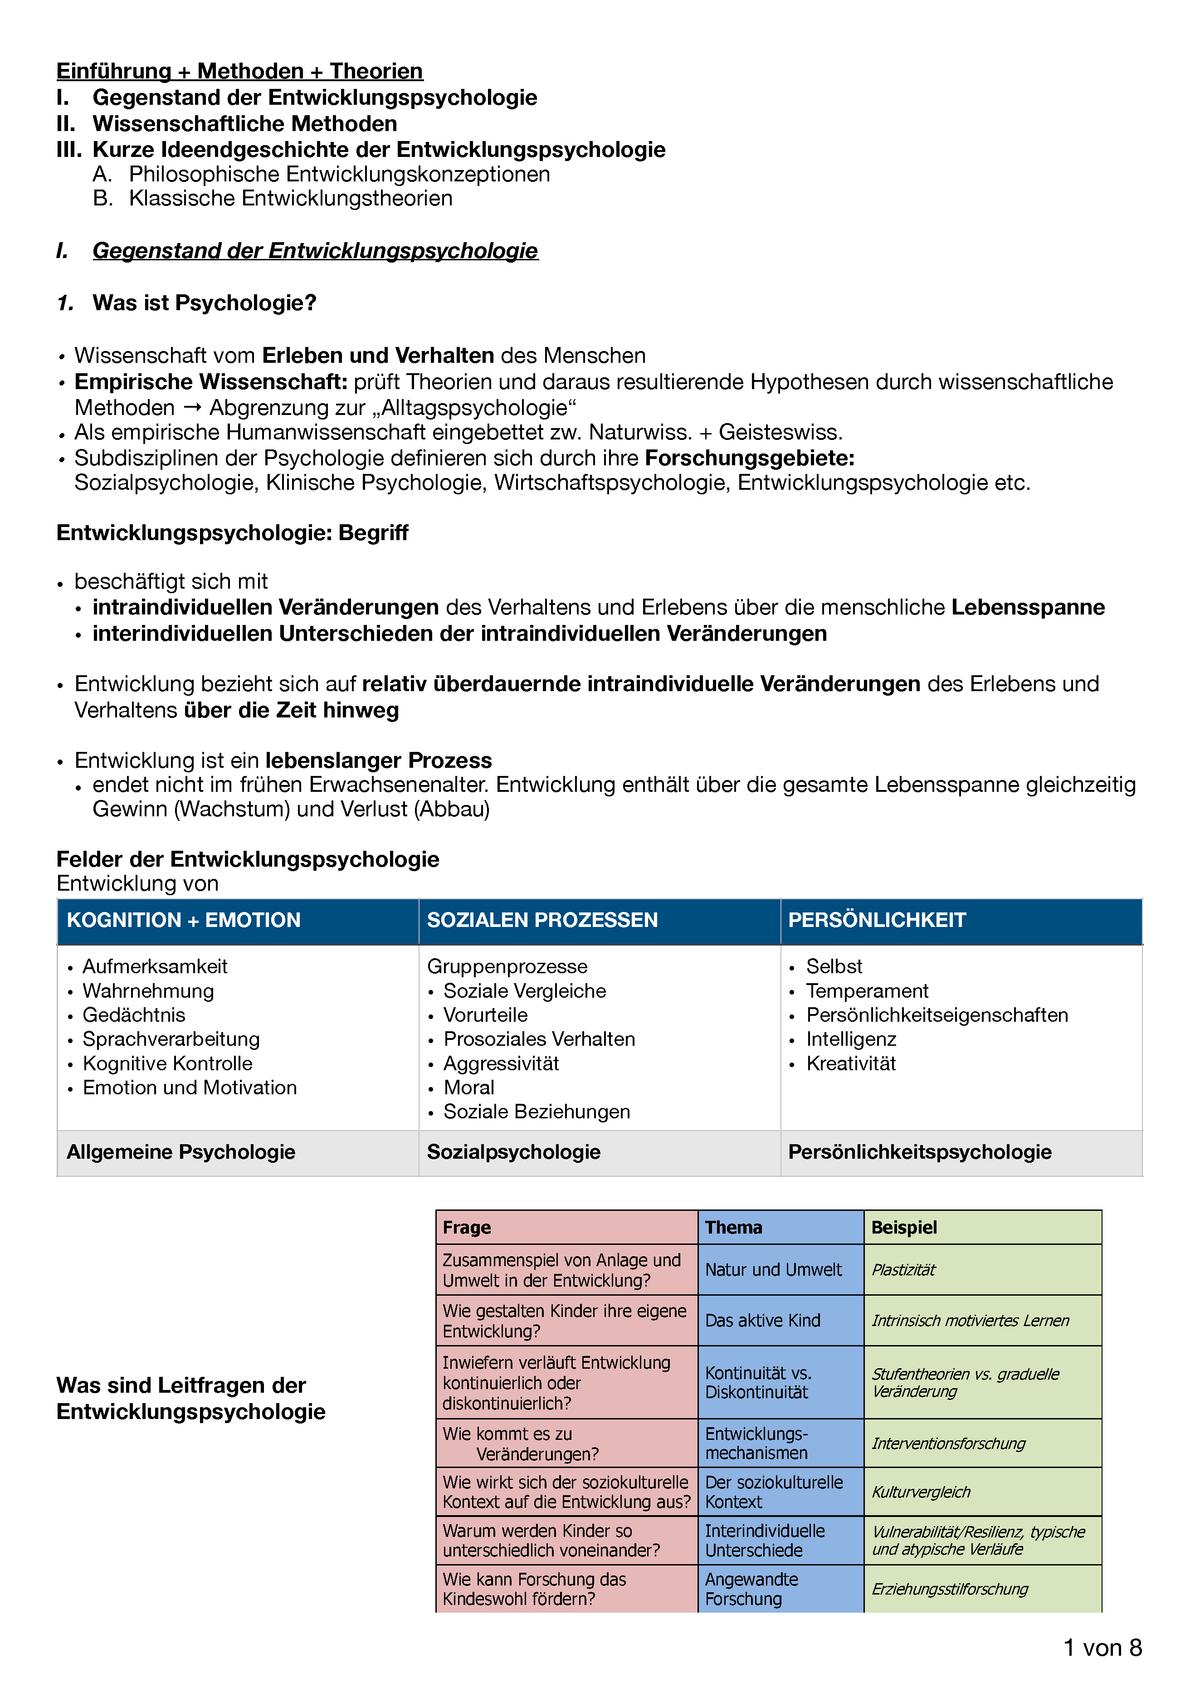 Entwicklungspsychologie Zusammenfassung - 11503 - Lmu - Studocu mit Kognitive Entwicklung Kind Tabelle